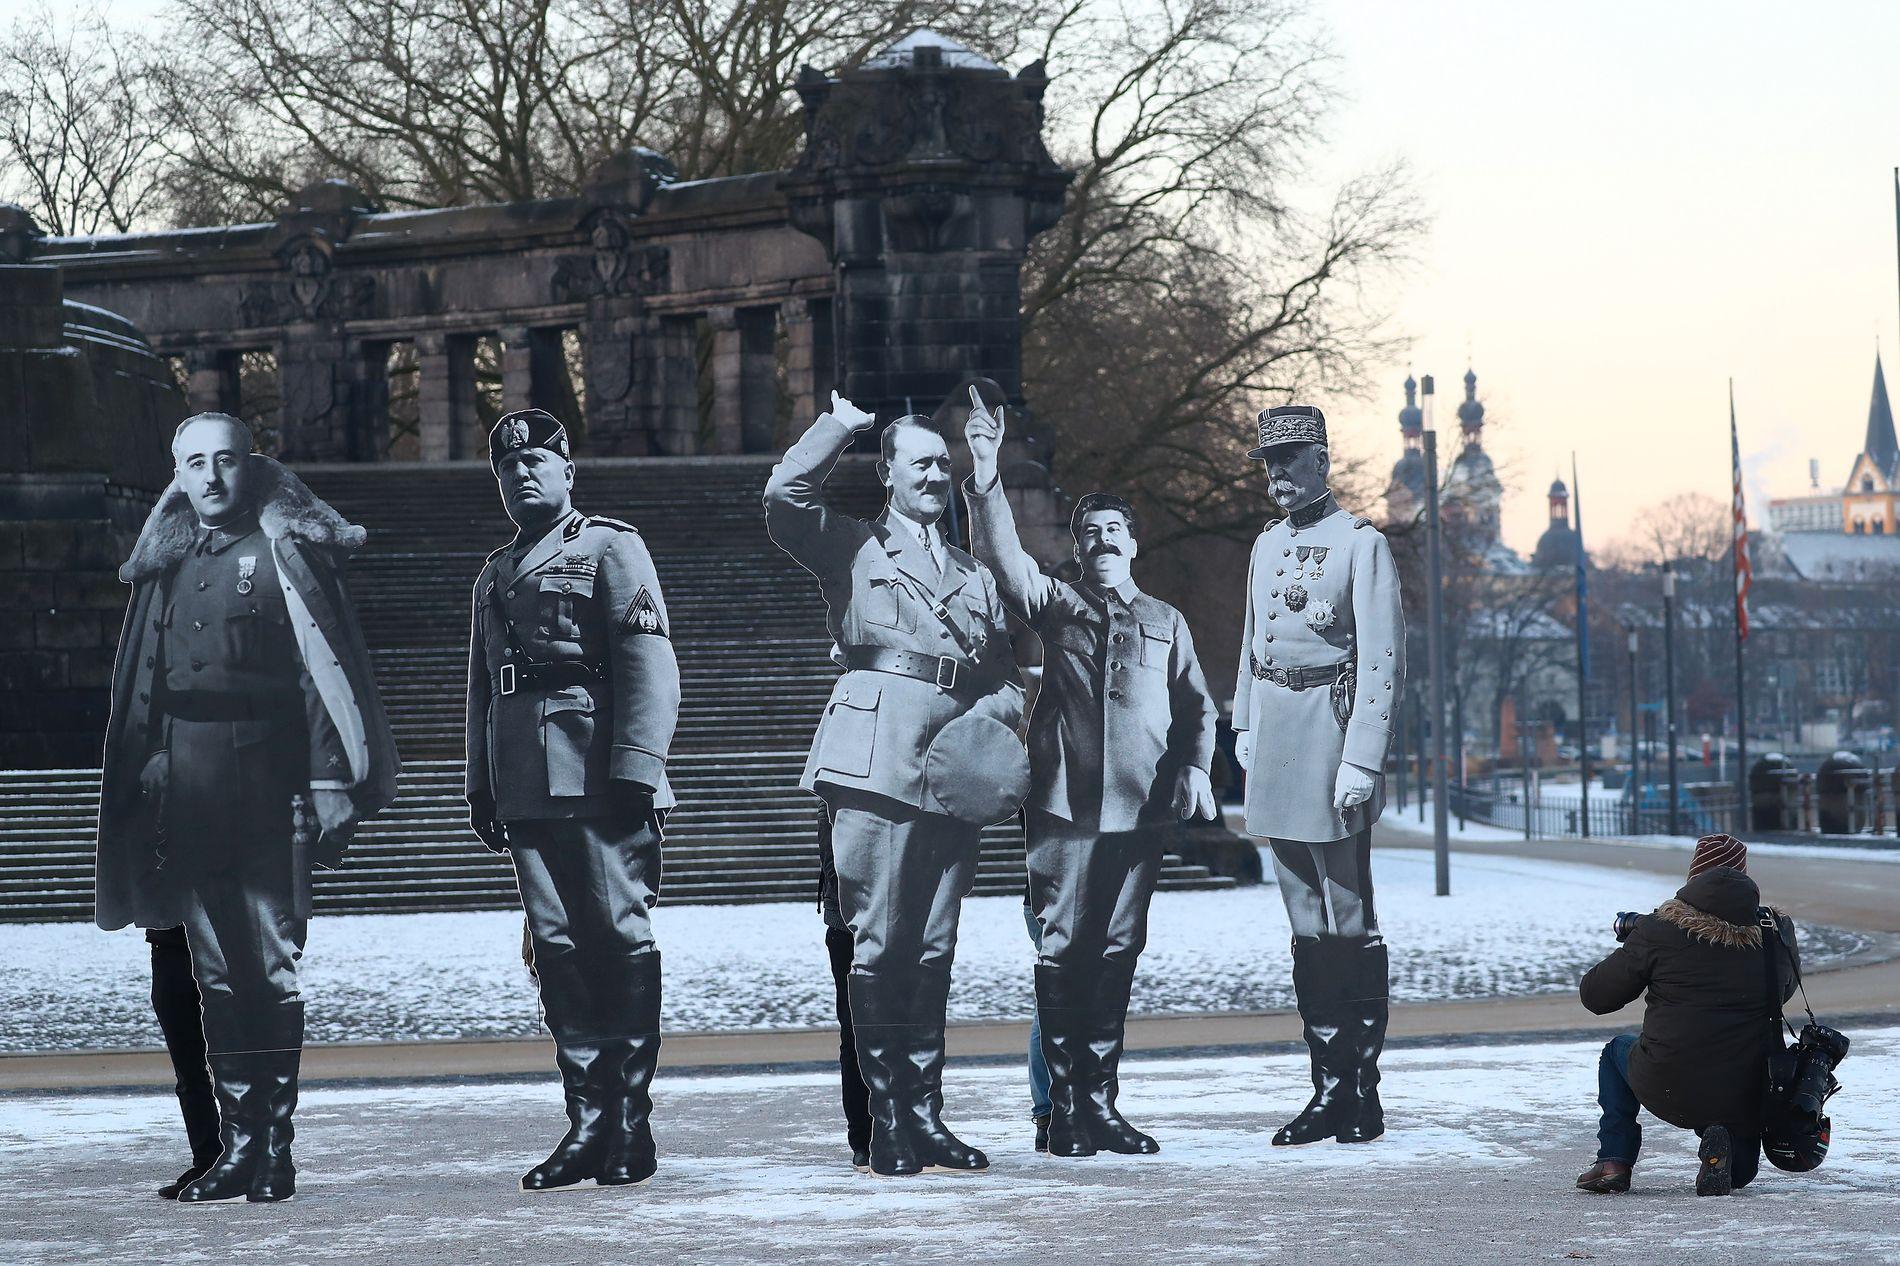 DIKTATORER: Aktivister i Koblenz har plassert pappfigurer i full størrelse for å vise hvem de assosierer høyrepopulist-lederne med. Fra venstre Benito Mussolini, Adolf Hitler, Josef Stalin, Francisco Franko og Phlippe Petain. FOTO: REUTERS